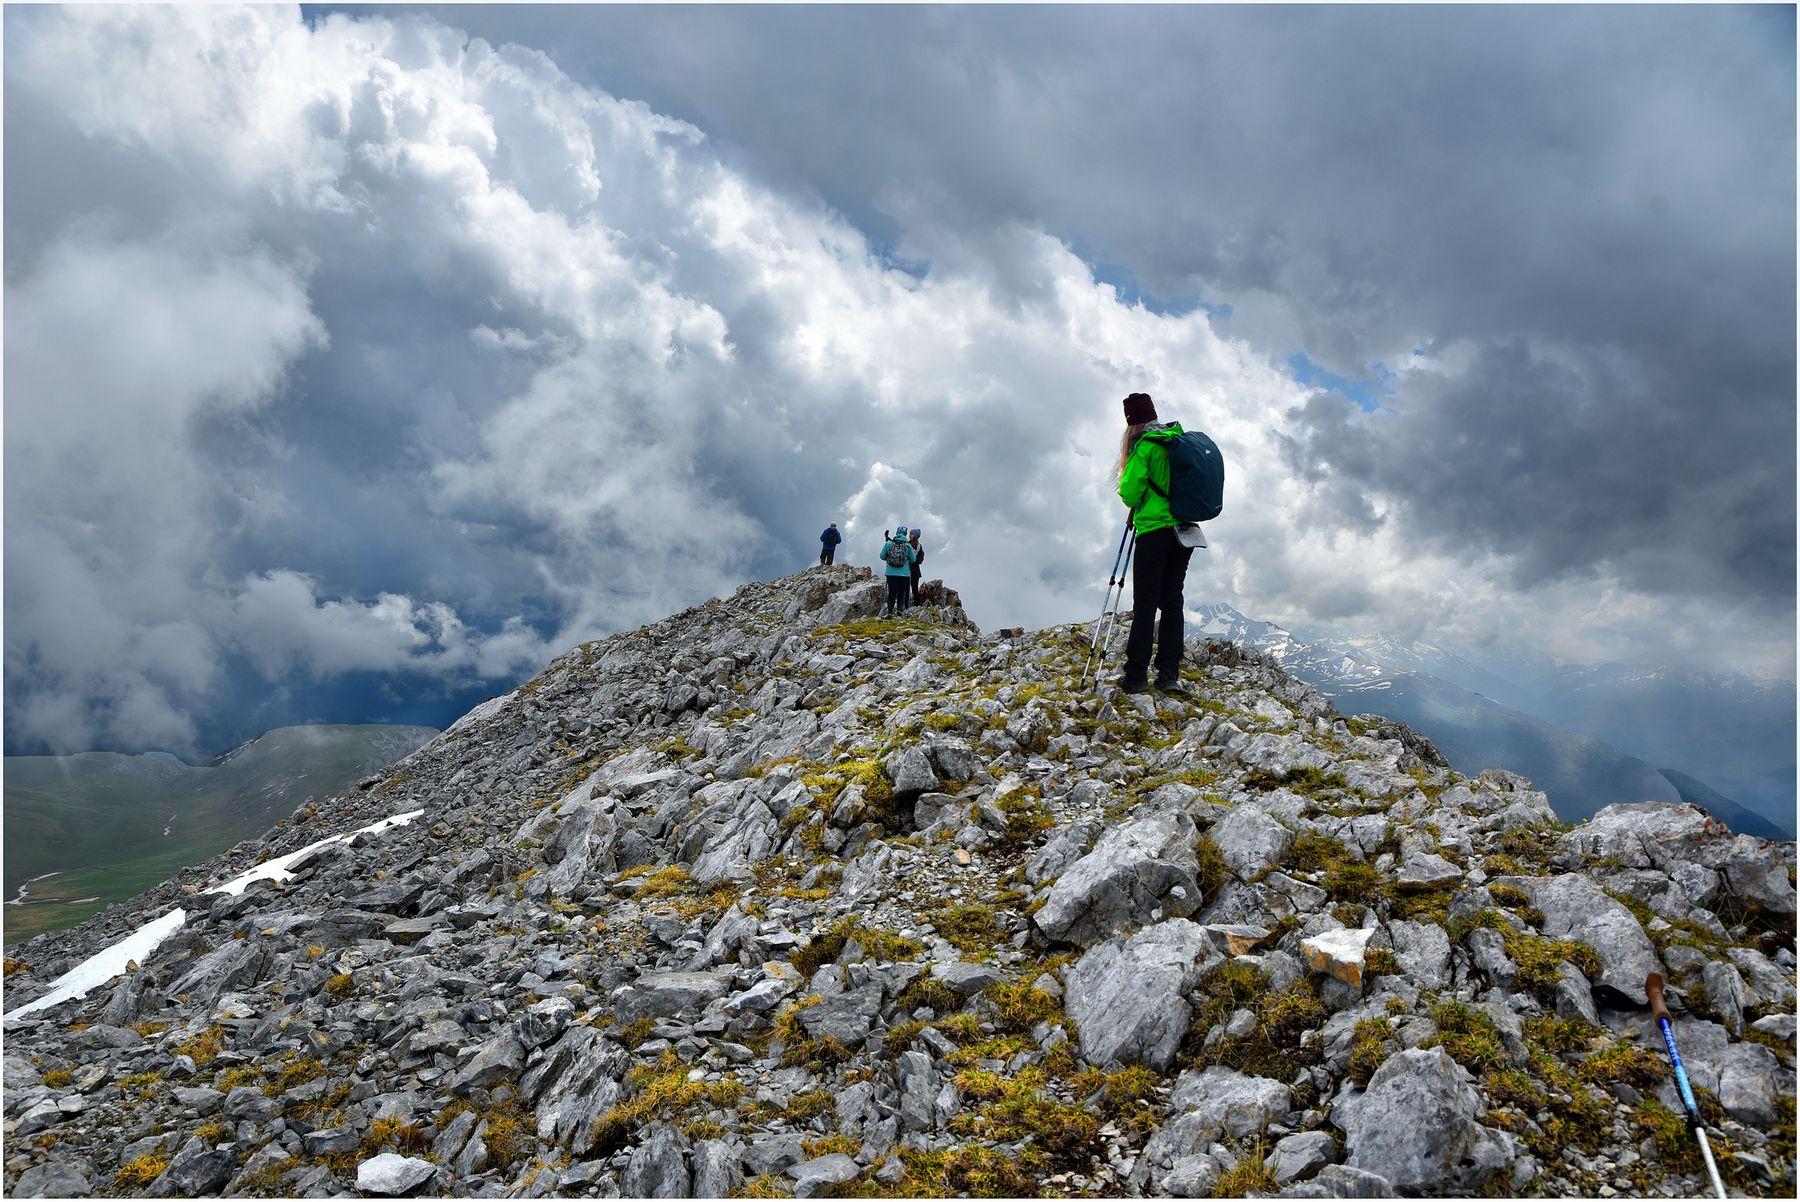 Проходя под облаками*** Горы скалы Кавказ Рожкао хребет гора Дженту небо туристы